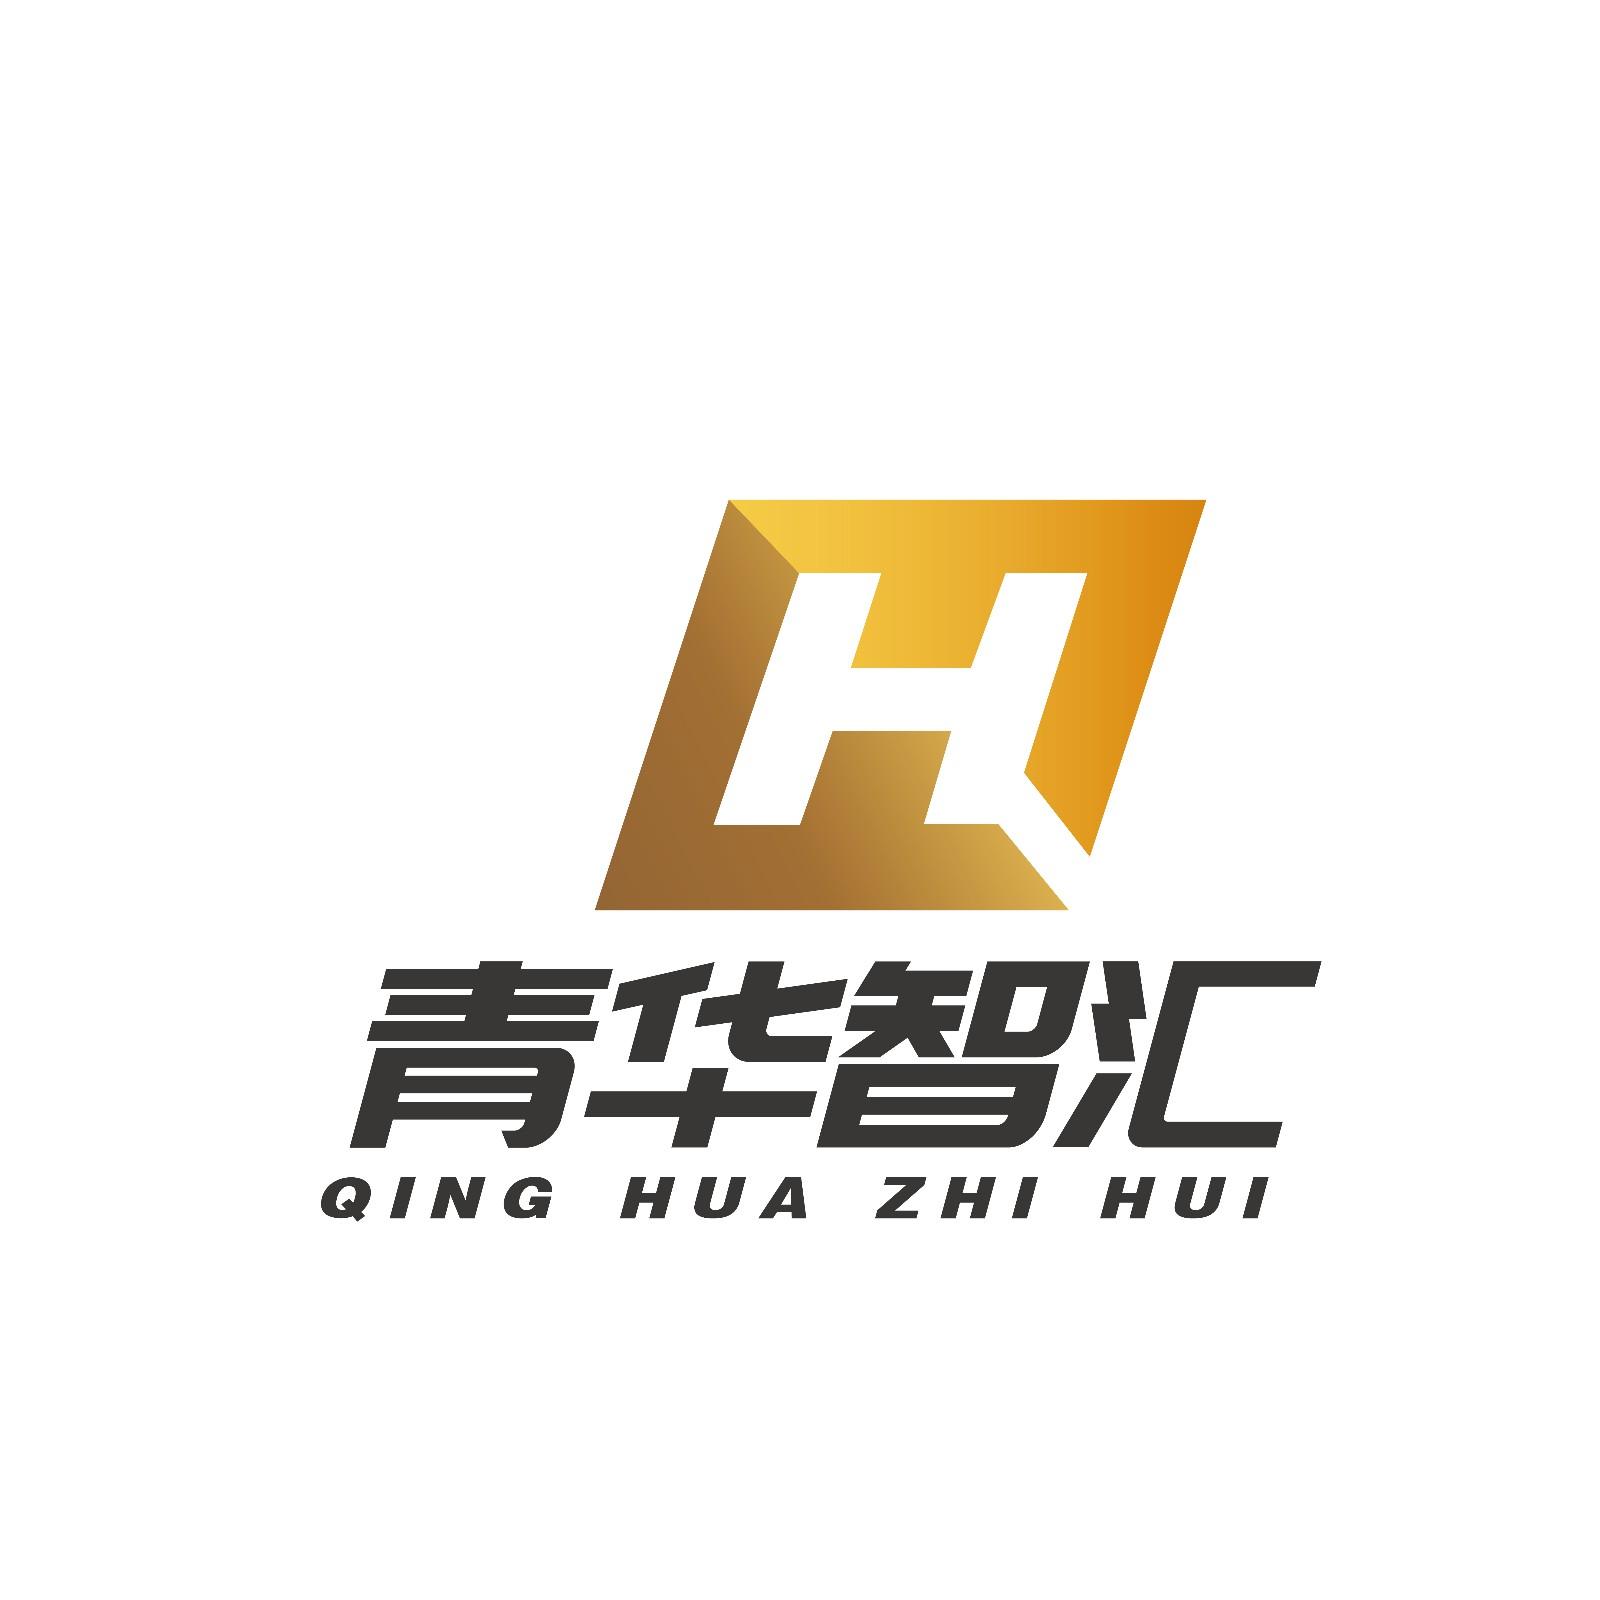 中山市青华智汇知识产权服务有限公司_才通国际人才网_job001.cn